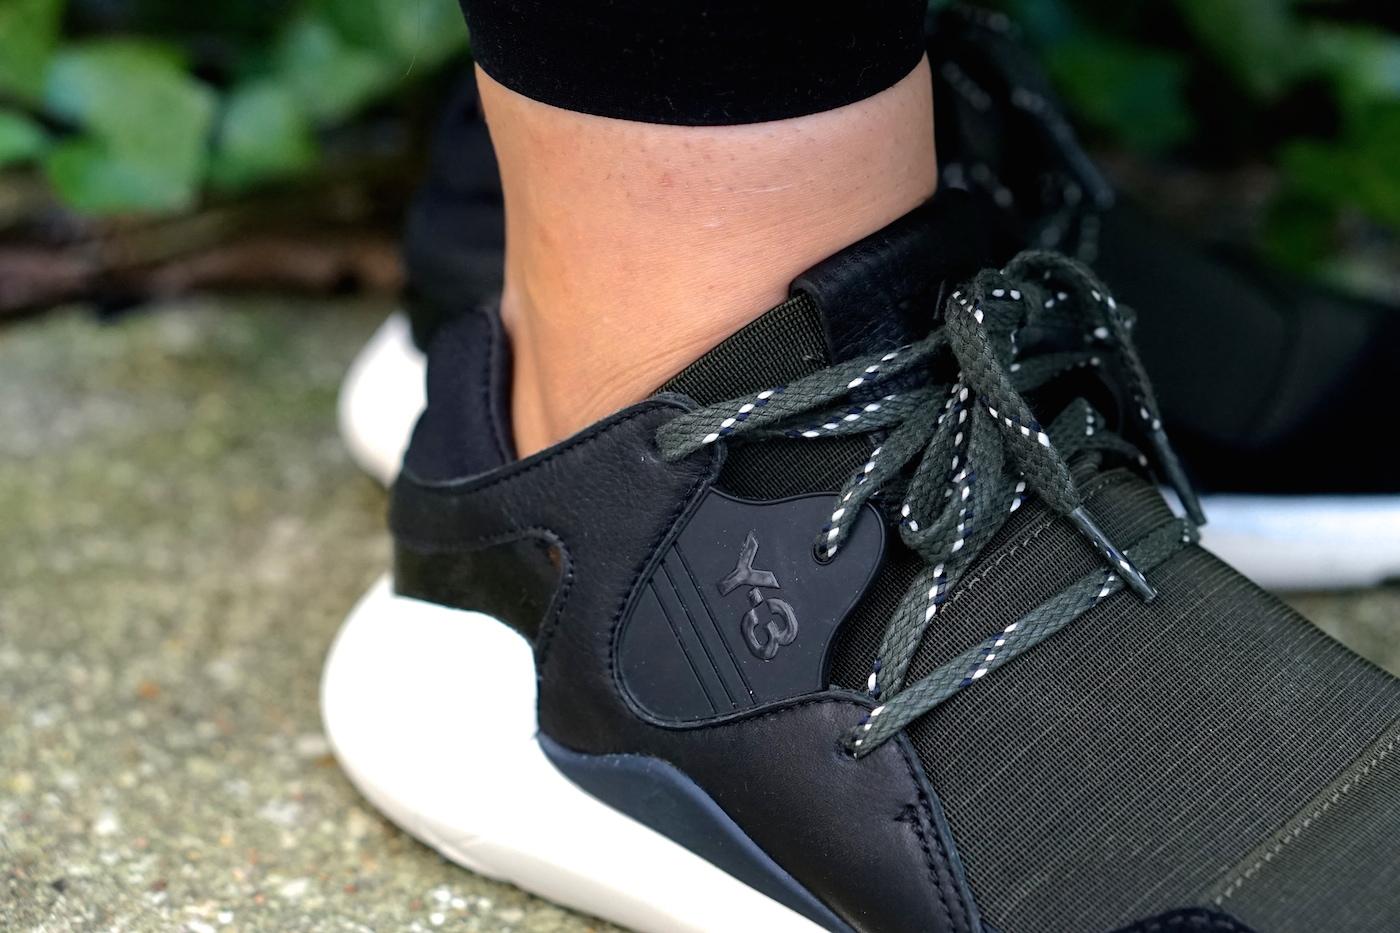 adidas Y3 uglymely 3